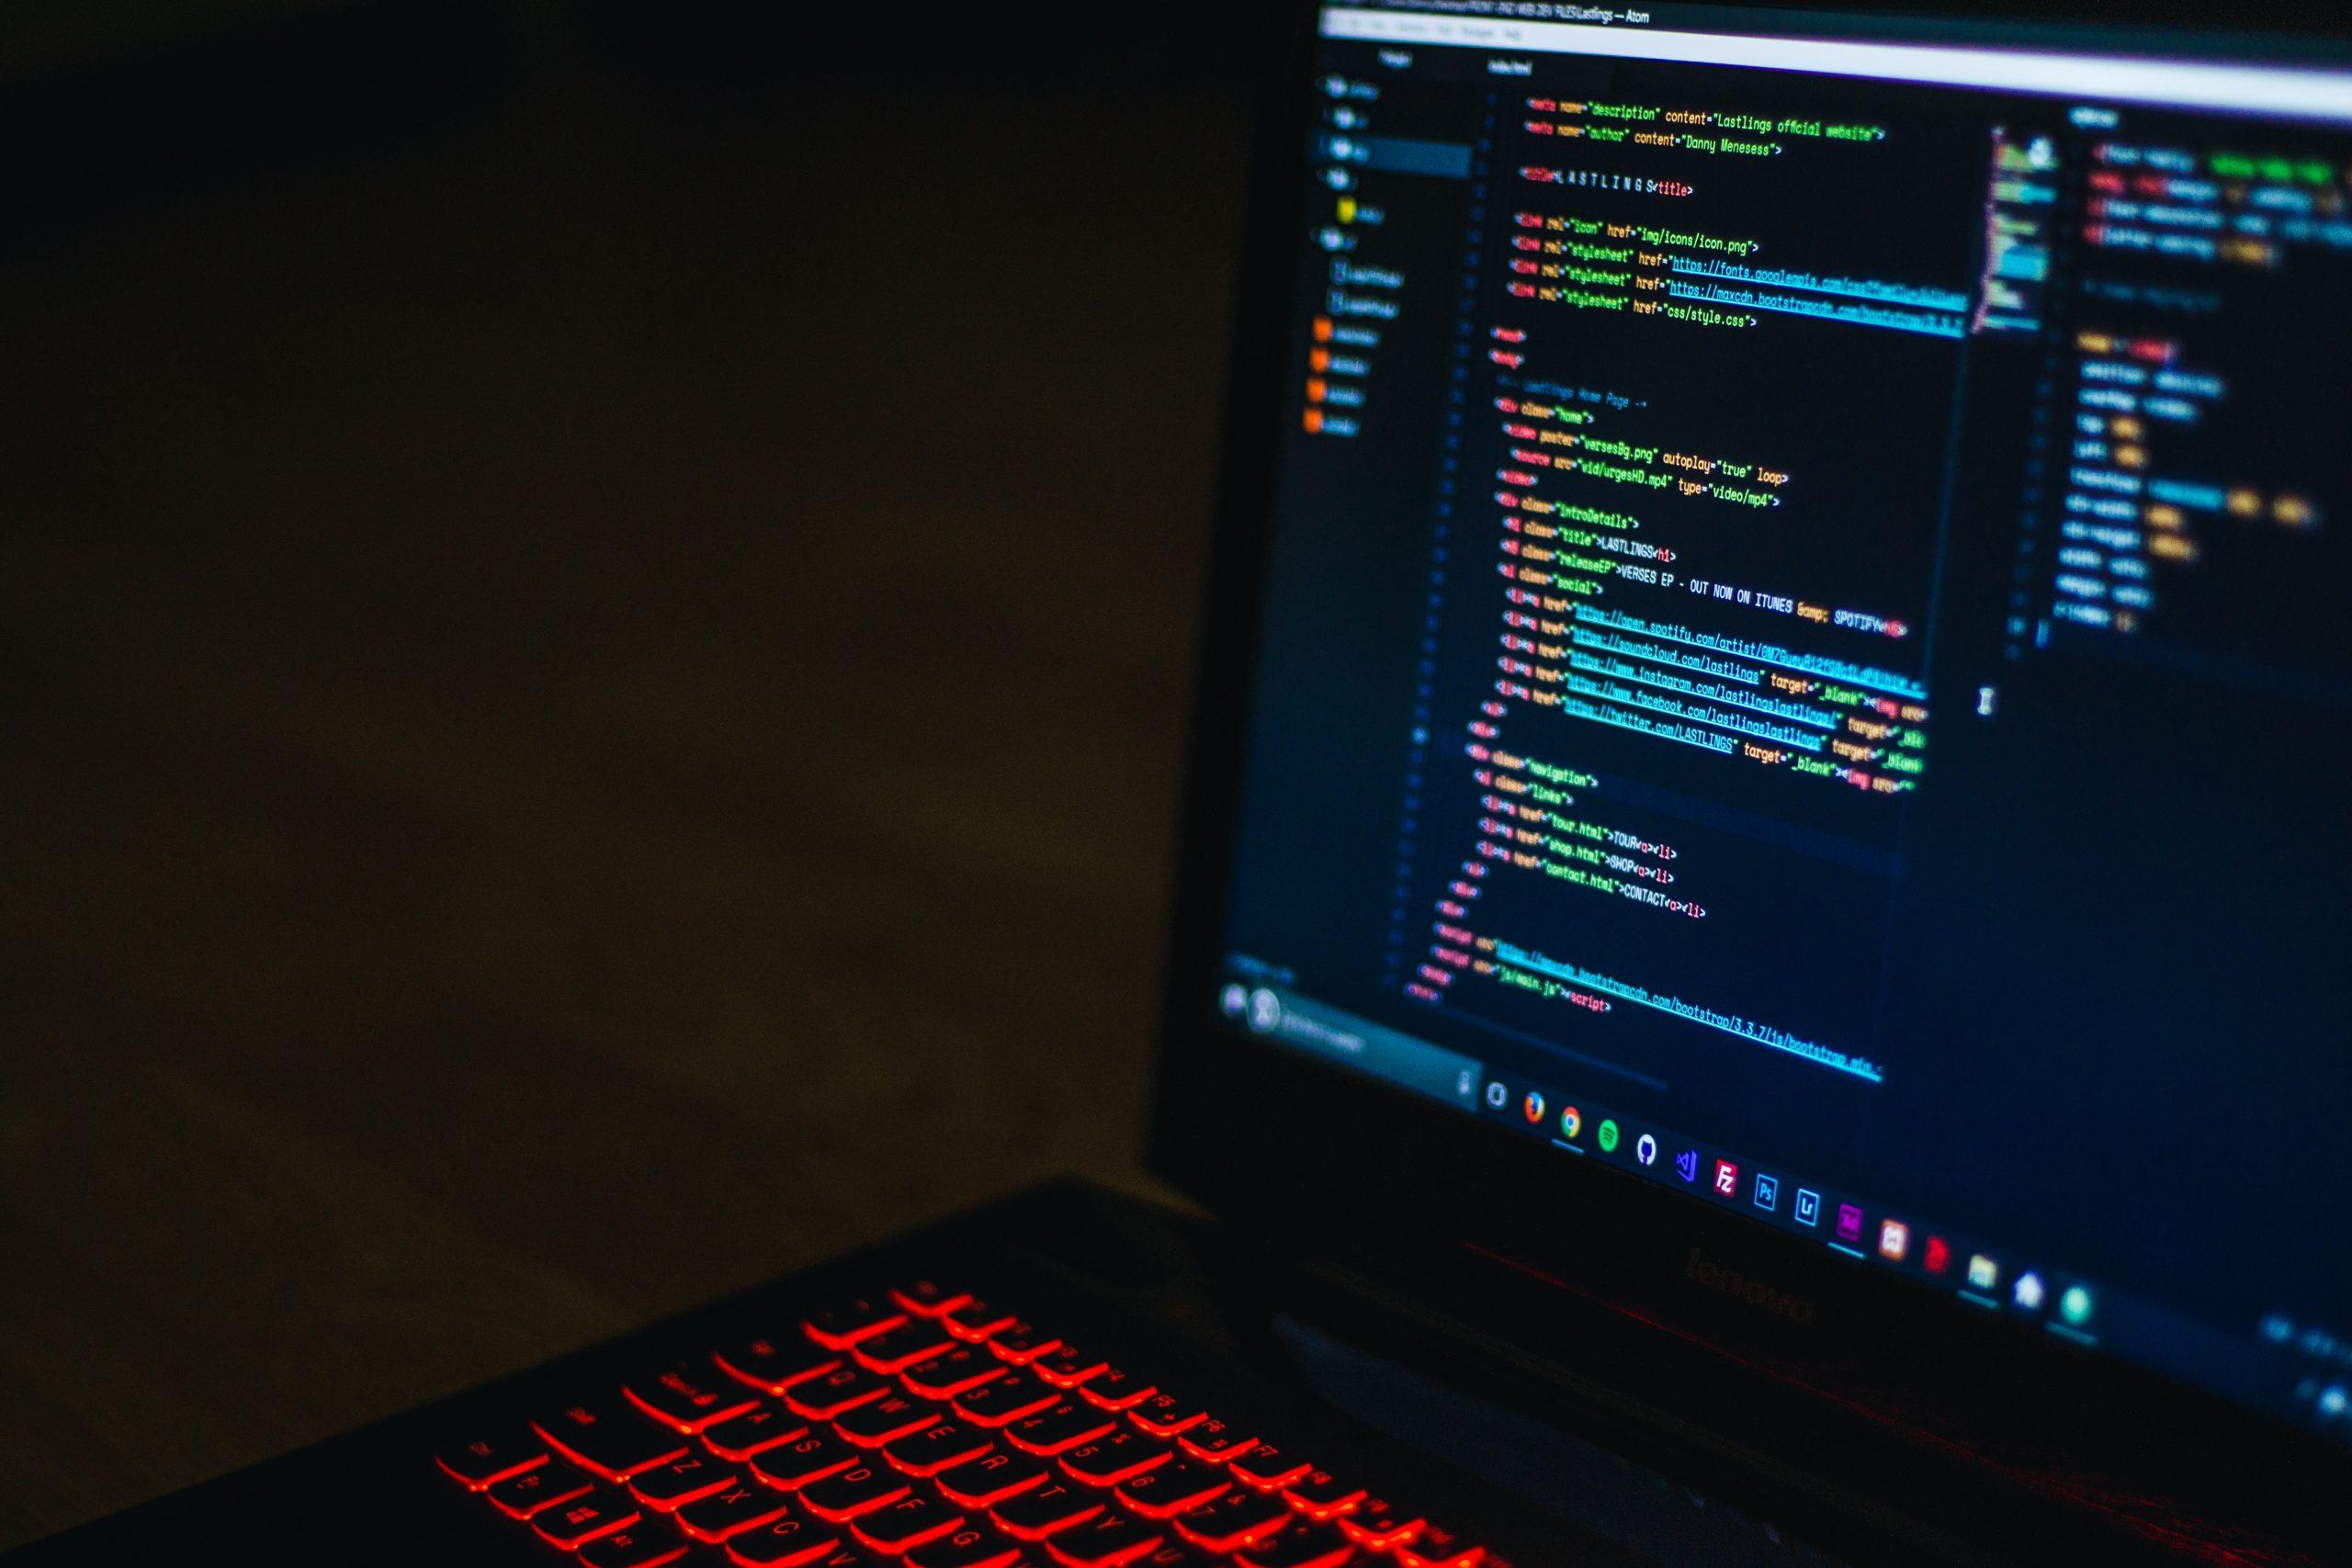 Imagen de un PC con un entorno de desarrollo encendido